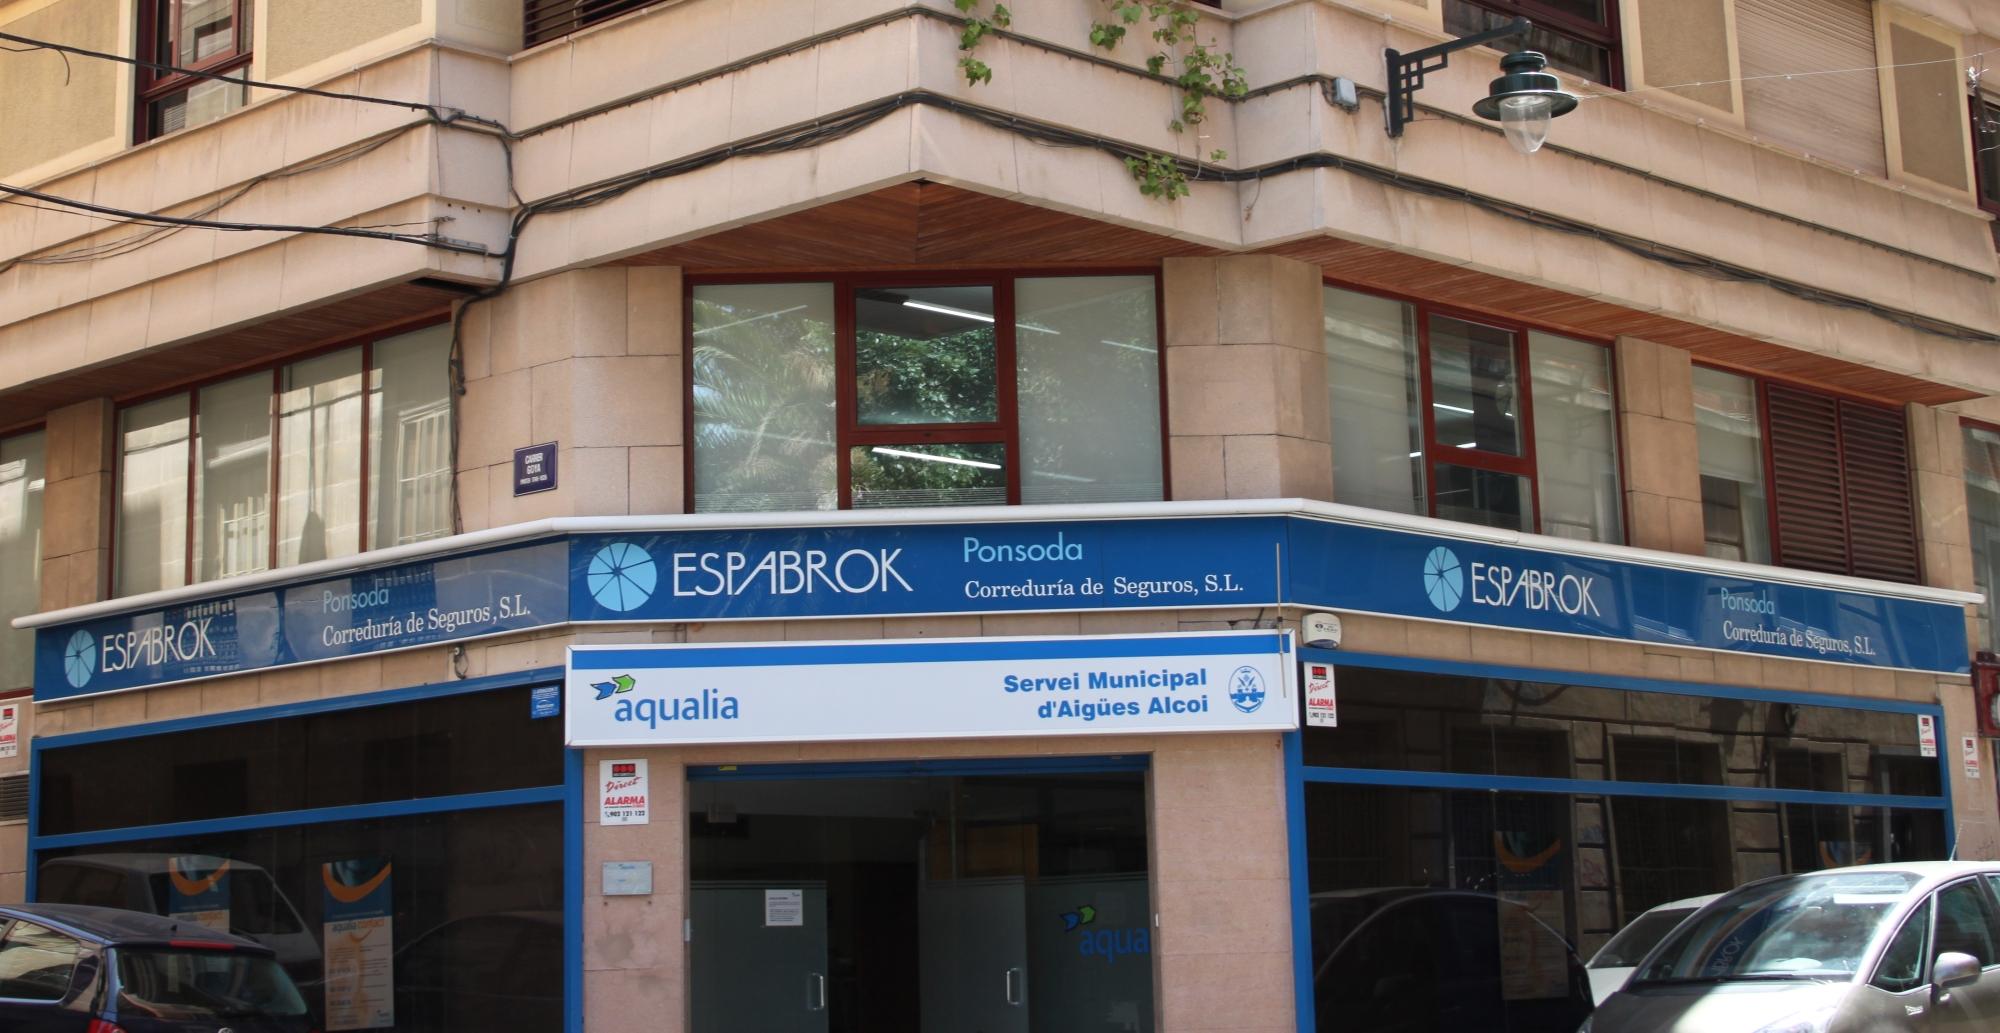 El Banco de alimentos de Madrid entrega una calle a espabrok